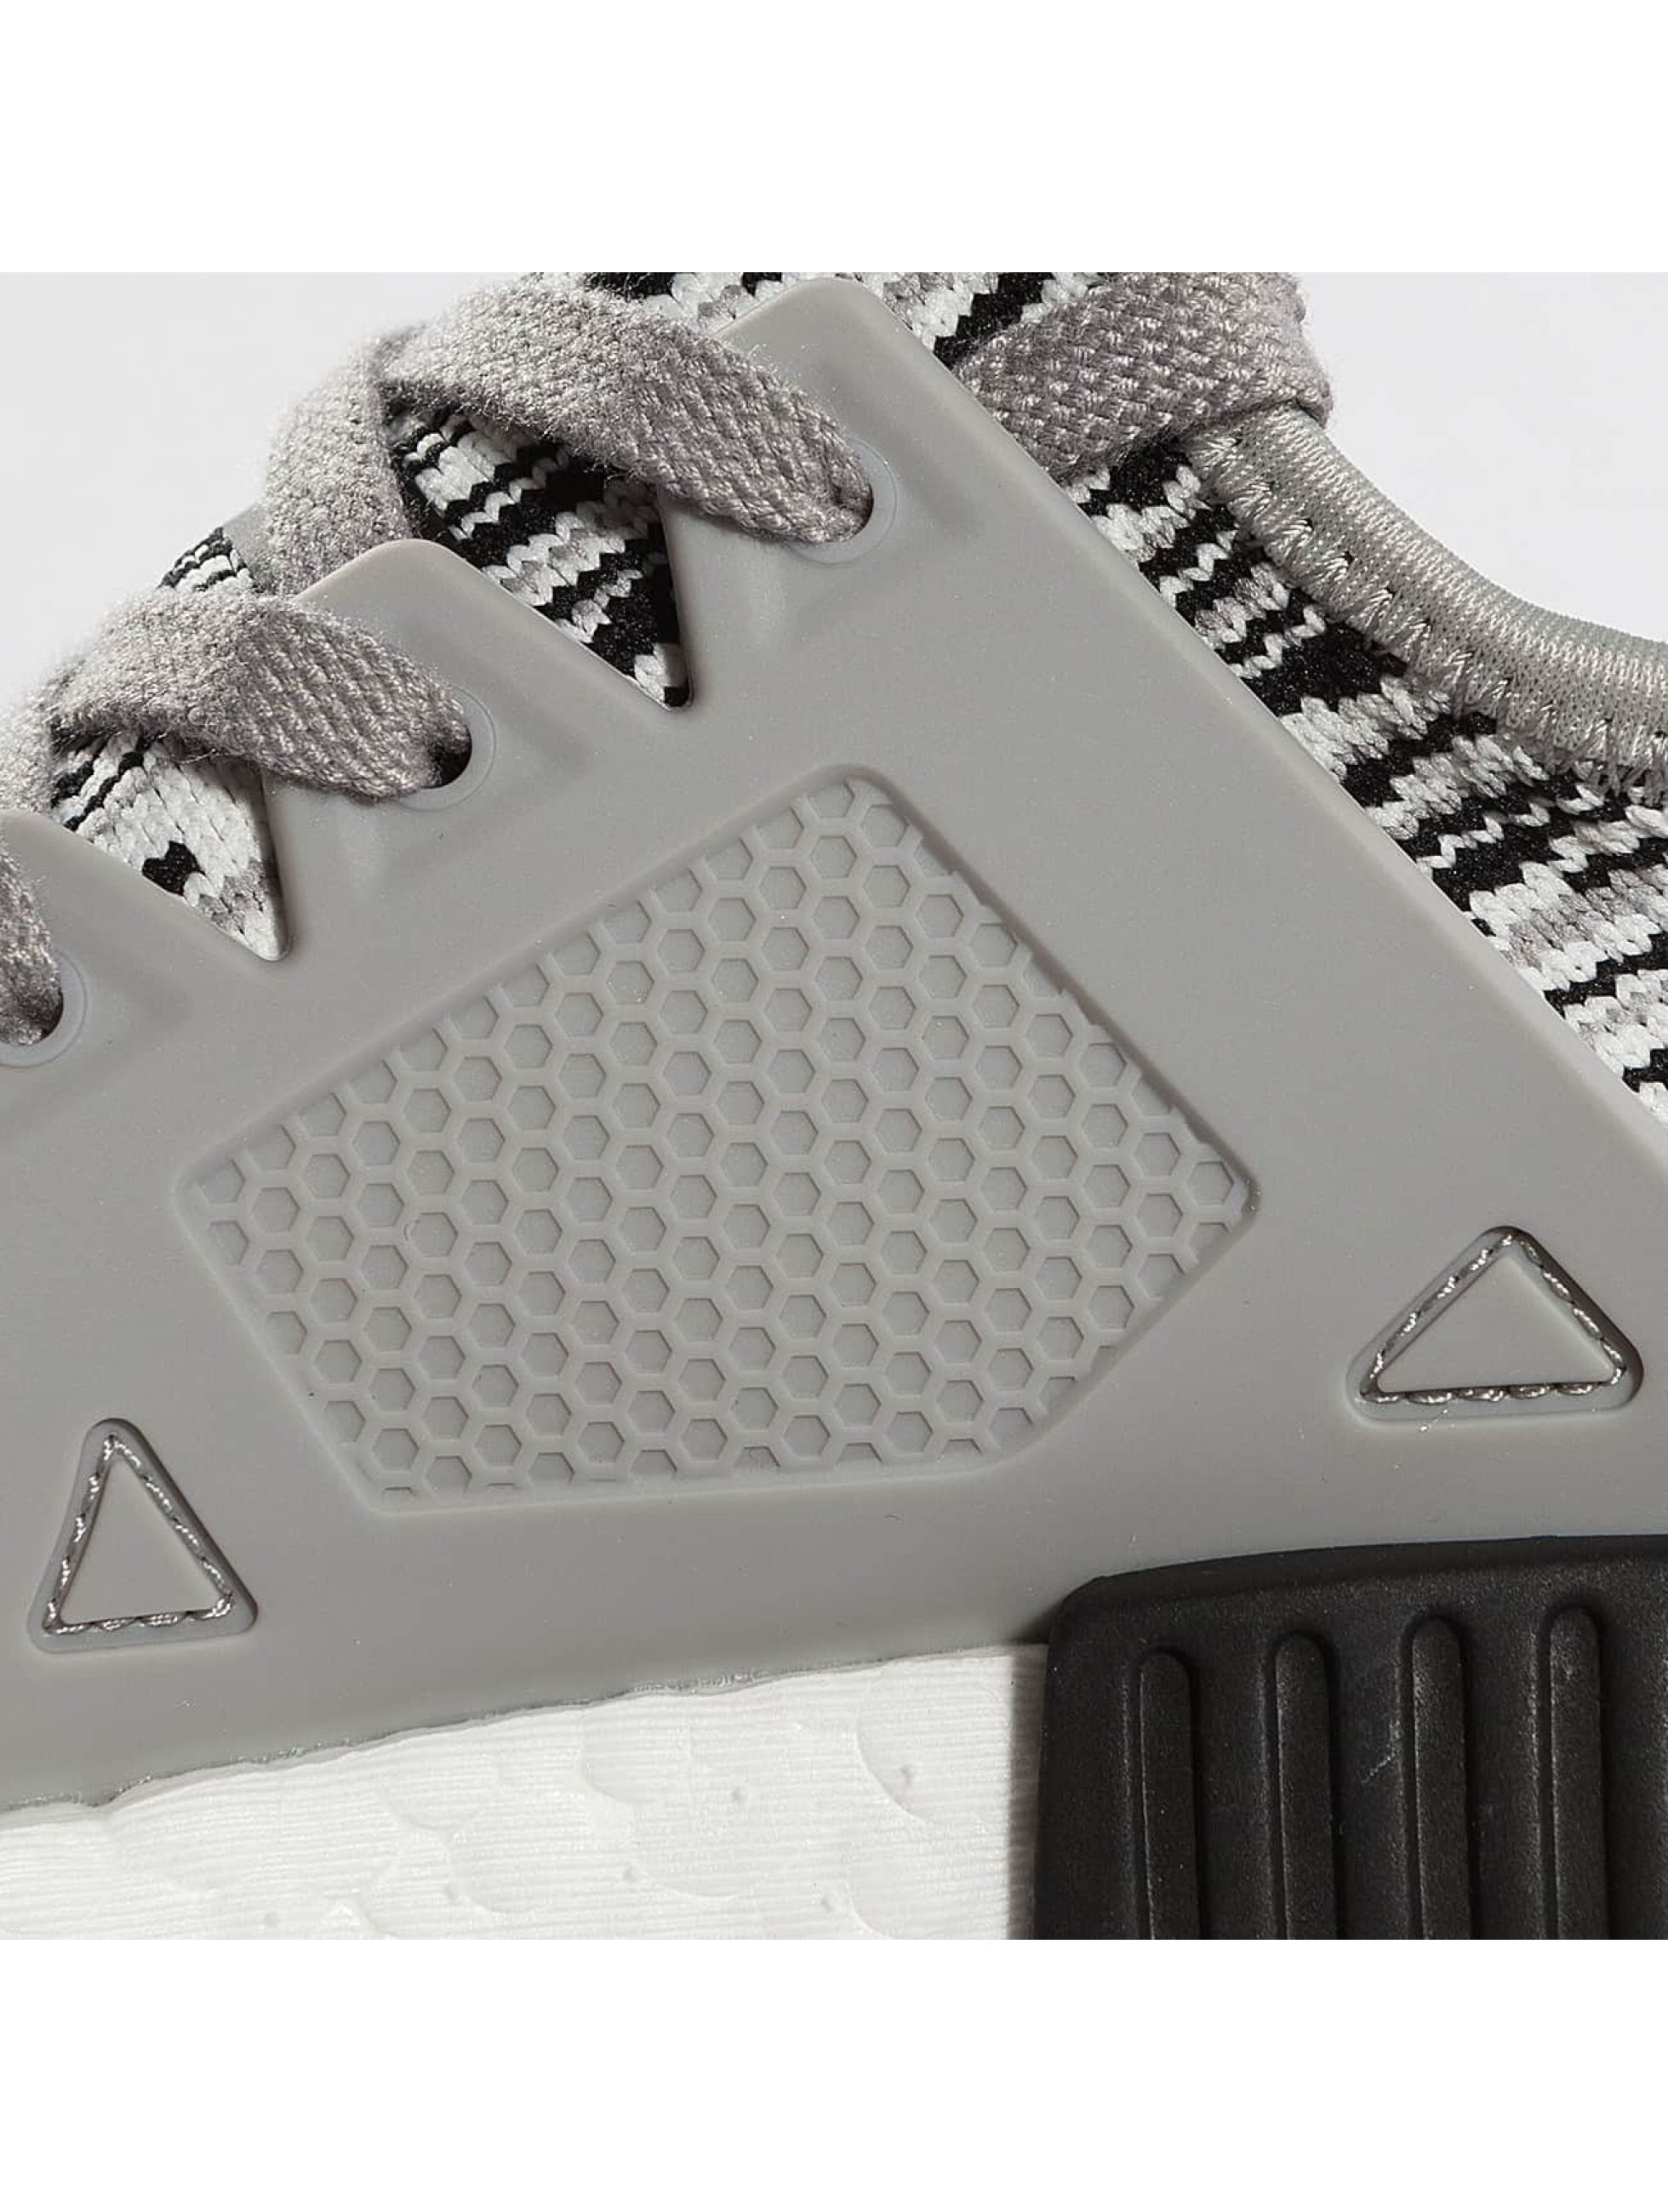 adidas Sneakers NMD XR1 Primeknit black